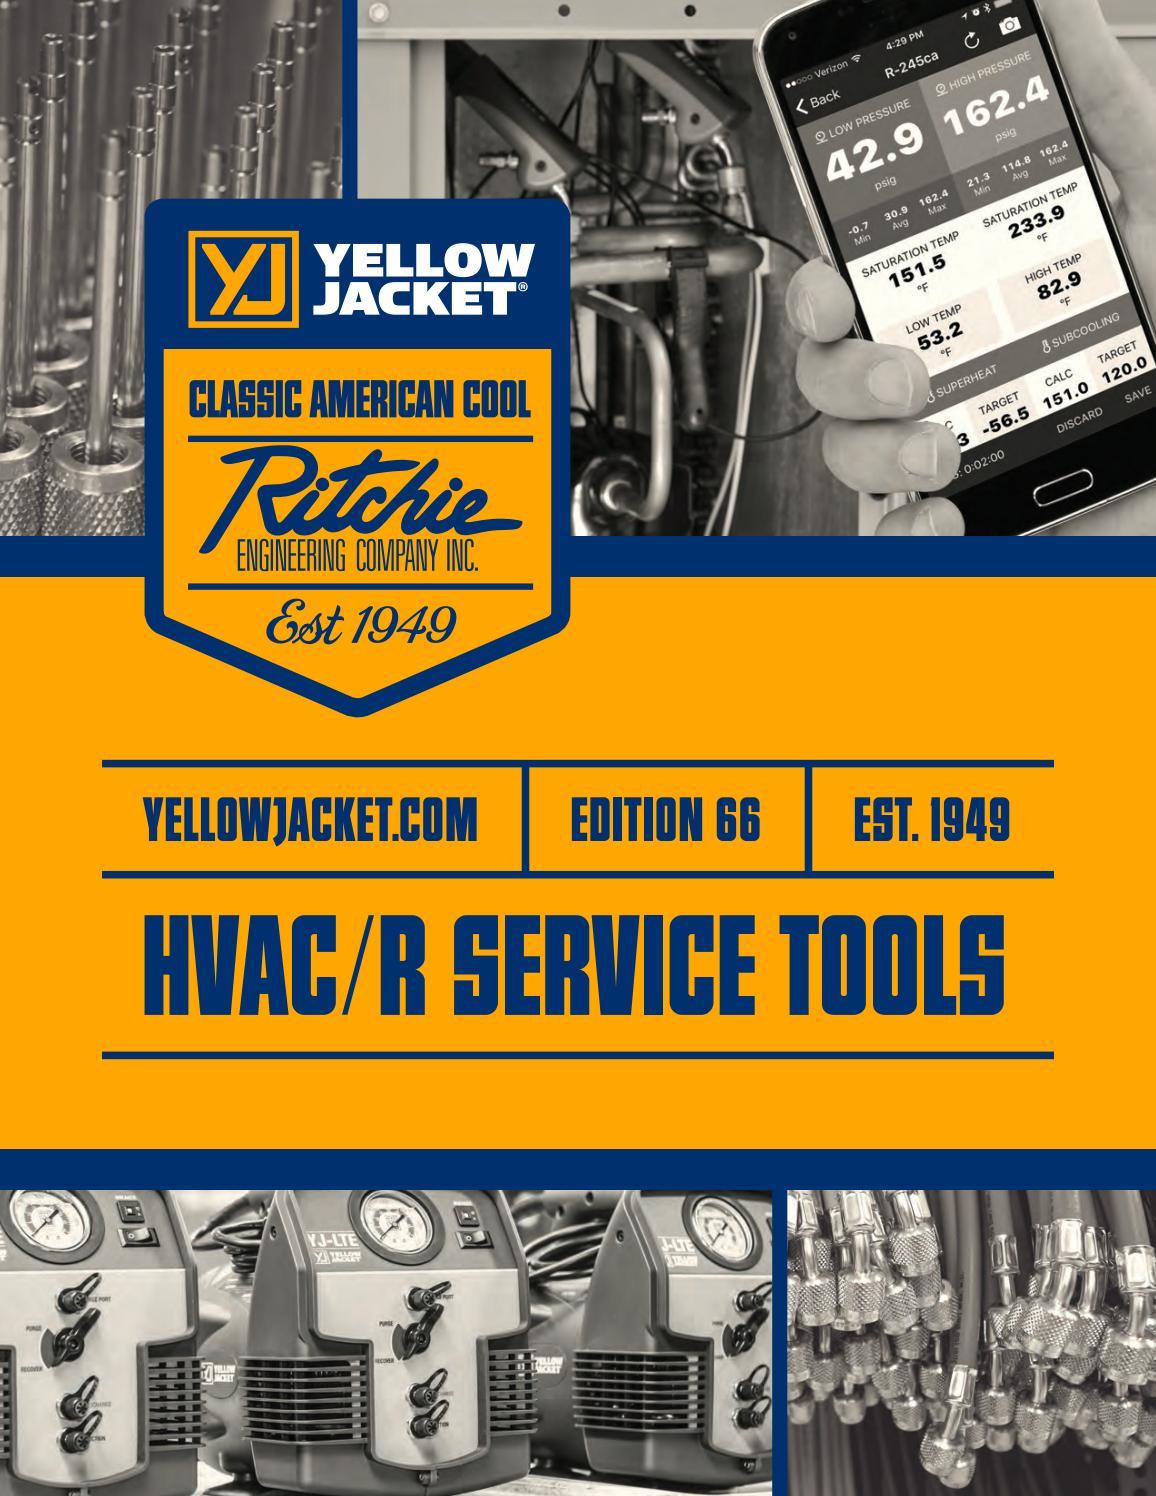 Yellow Jacket 93865 1//2 Evacuation System I 2 Valve Manifold 2 Valves 2 16248 48 Vacuum Hoses